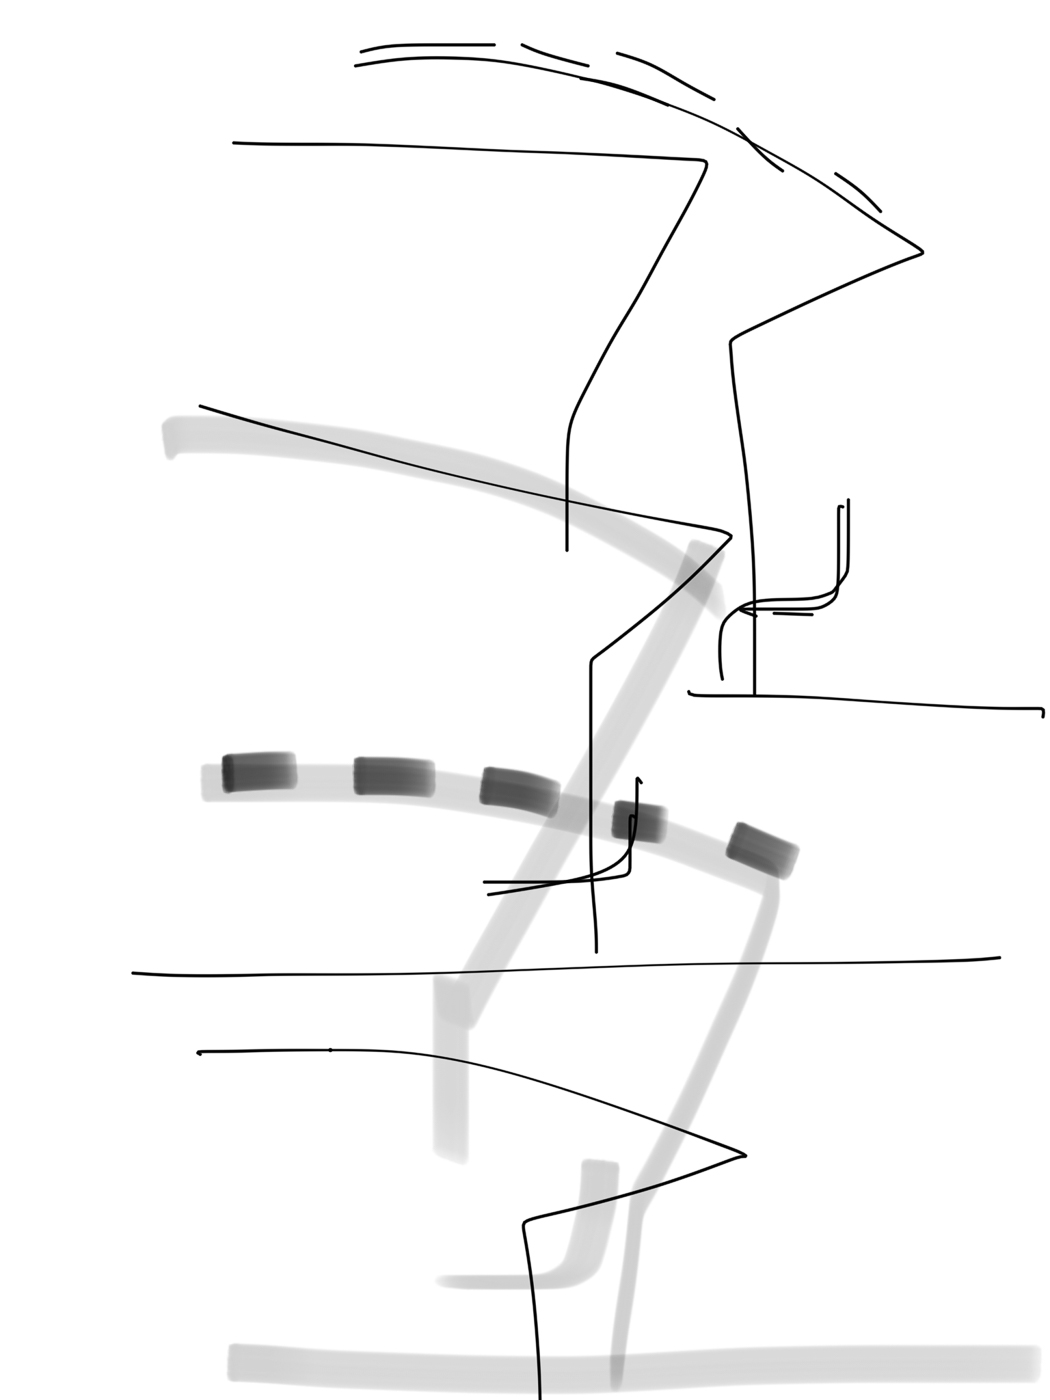 Sketch-387.jpg